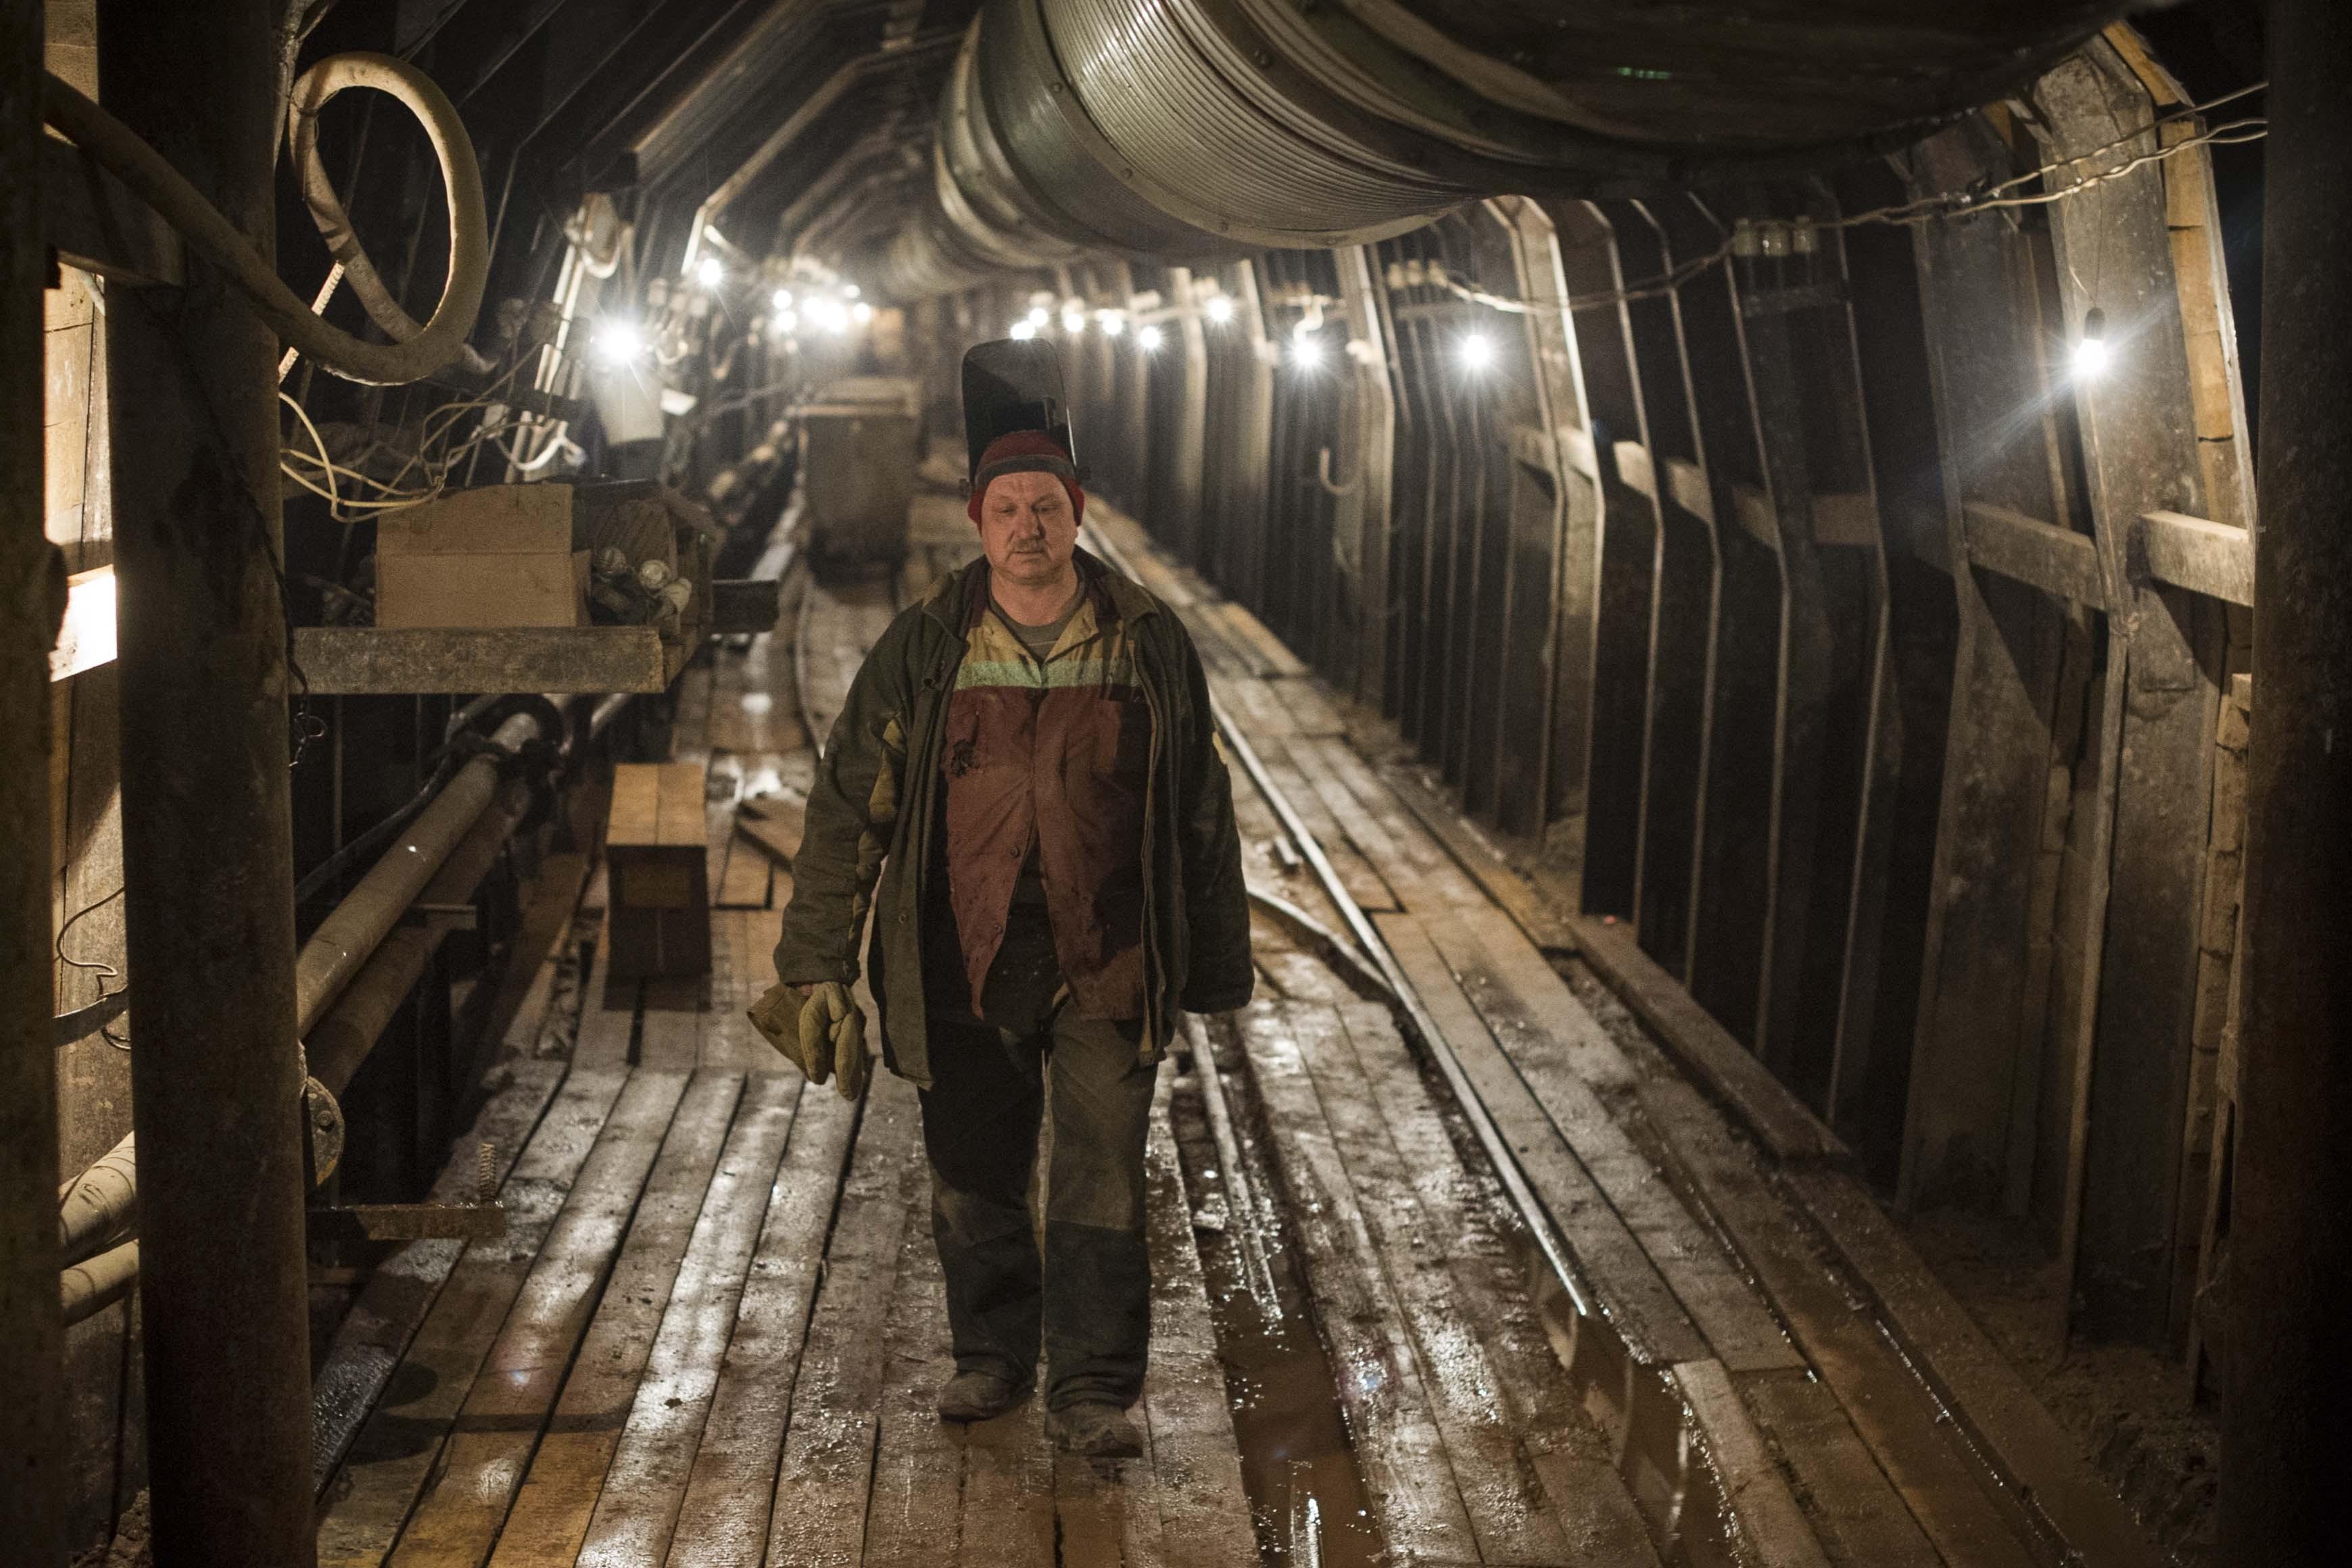 Строителям в этом году осталось доделать еще 12 станций метро. Фото: Бобылев Сергей/ITAR-TASS